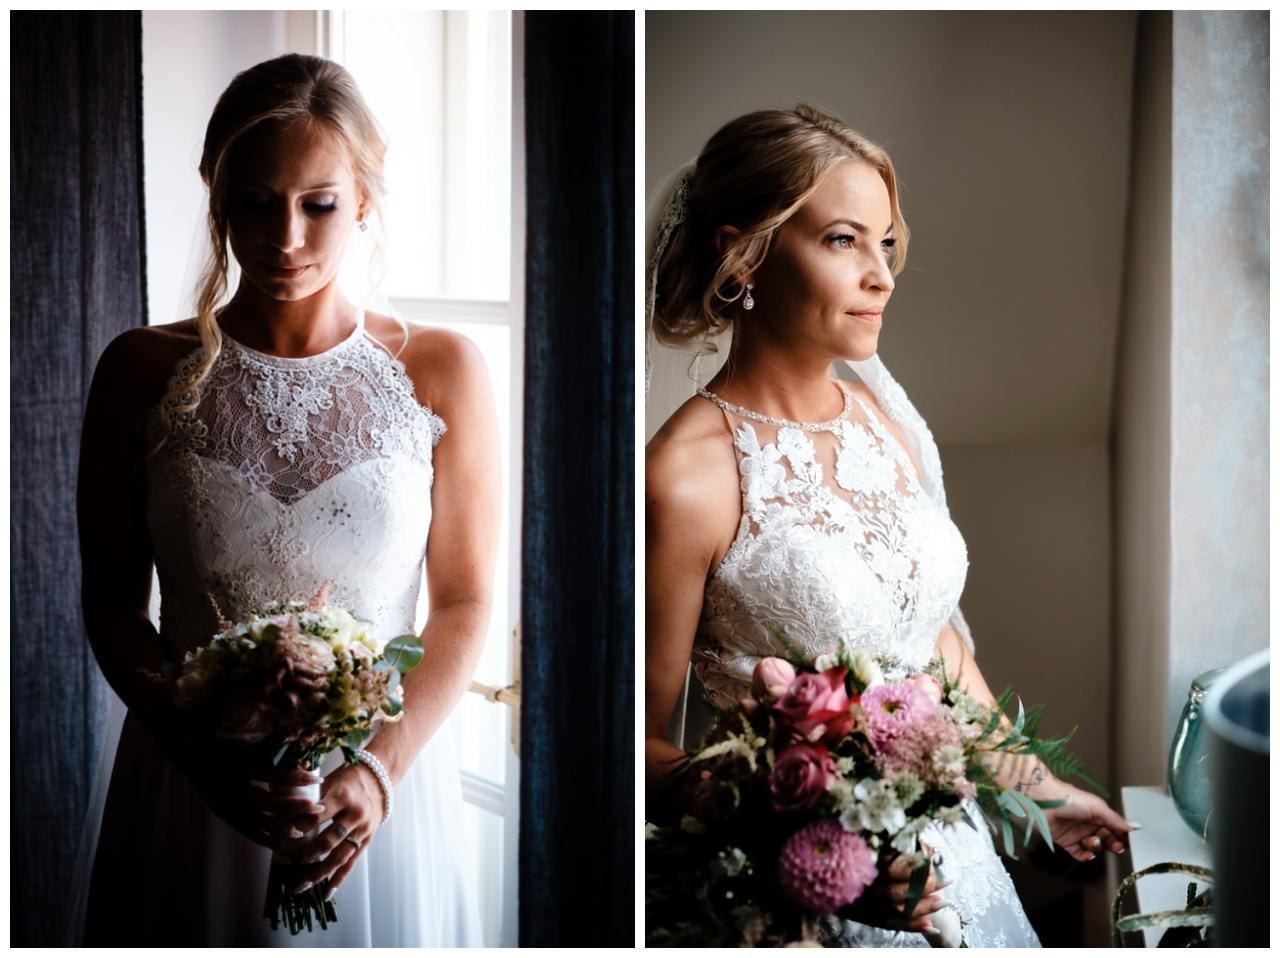 Getting Ready vor der Hochzeit Fotograf Tipps 93 - 8 Tipps für die schönsten Getting Ready Fotos